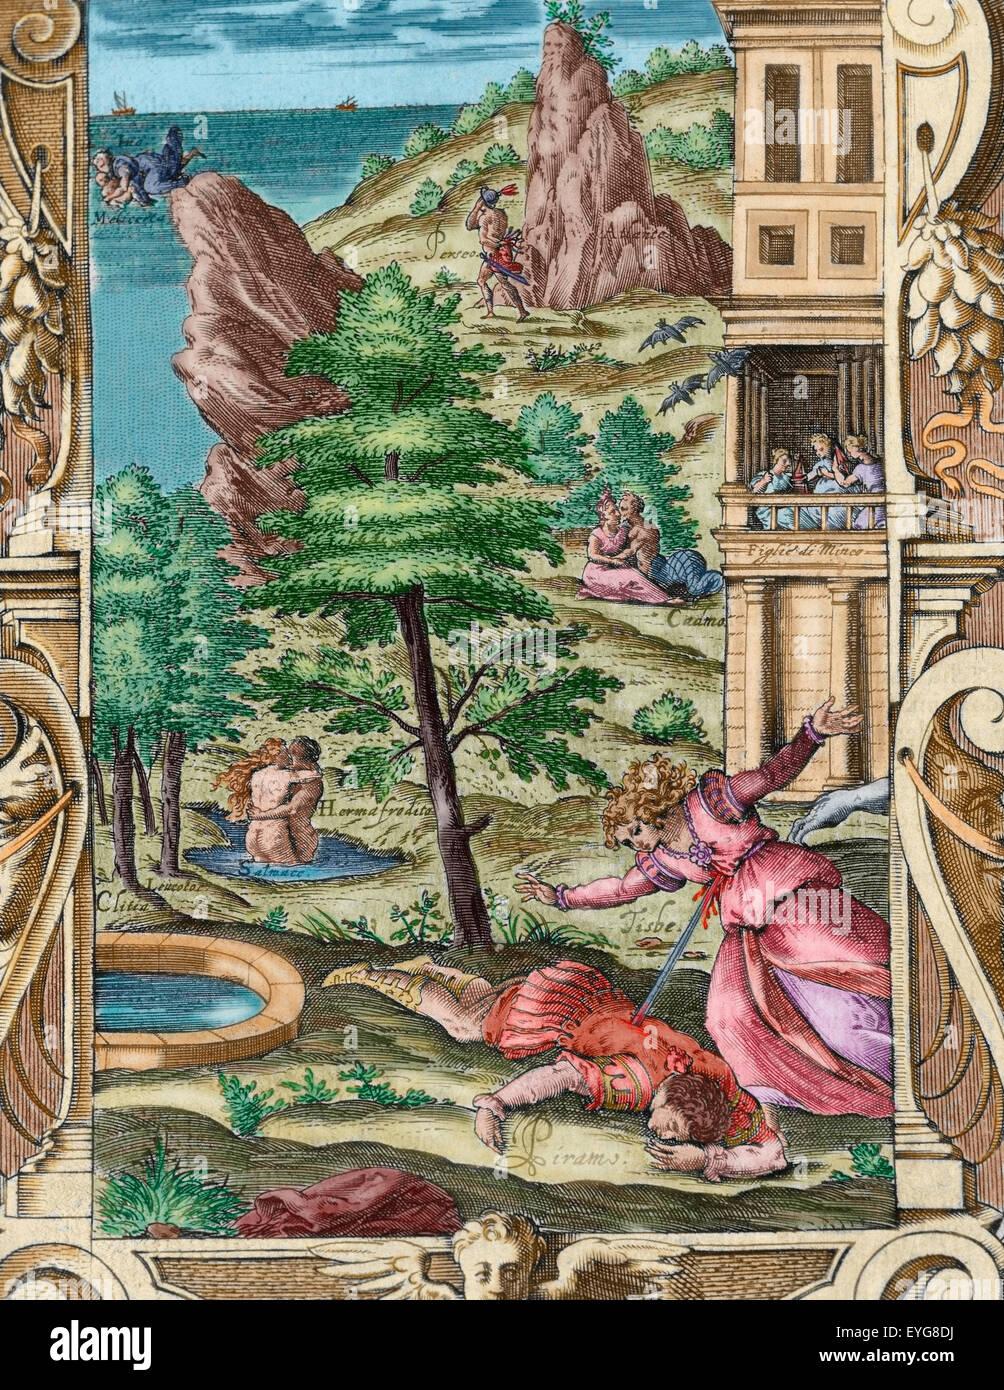 Ovid (publius ovidius naso) (43 av. J.-C.-17 apr.. poète latin Ovide 2-8 ad. livre iv. gravure illustrant la mort de pyramus et thisbe. édition italienne de Venise, 1584.. de couleur. Banque D'Images